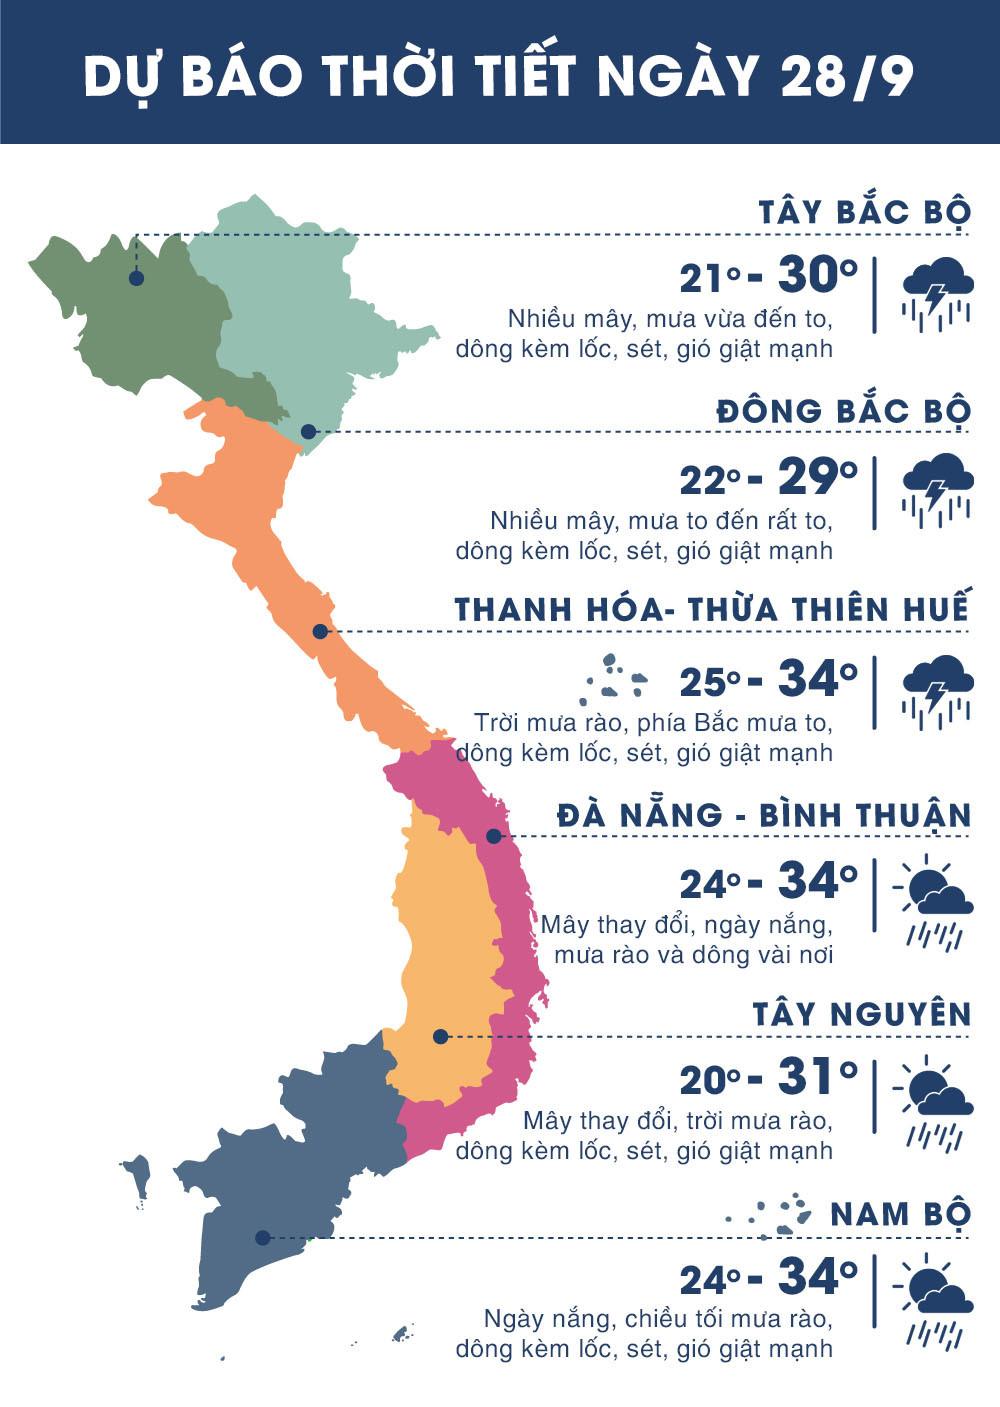 Thời tiết ngày 28/9: Hà Nội mưa dông, Sài Gòn nắng ráo buổi sáng Ảnh 1